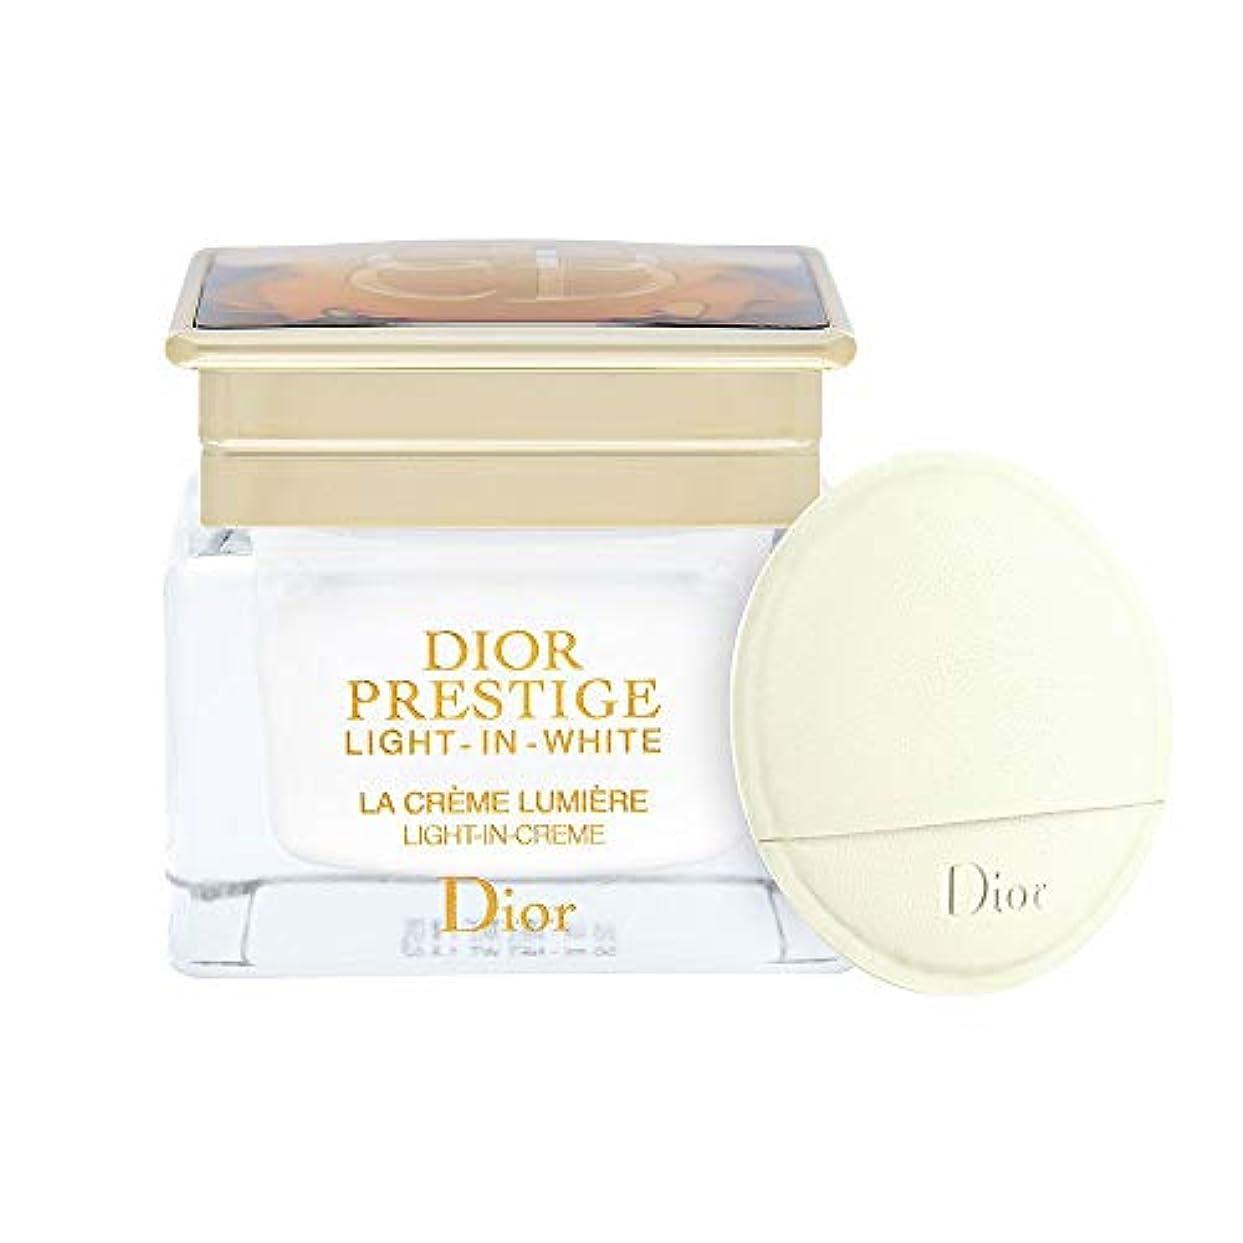 フィラデルフィア洞察力のあるチェリーディオール(Dior) プレステージ ホワイト ラ クレーム ルミエール 50ml [並行輸入品]